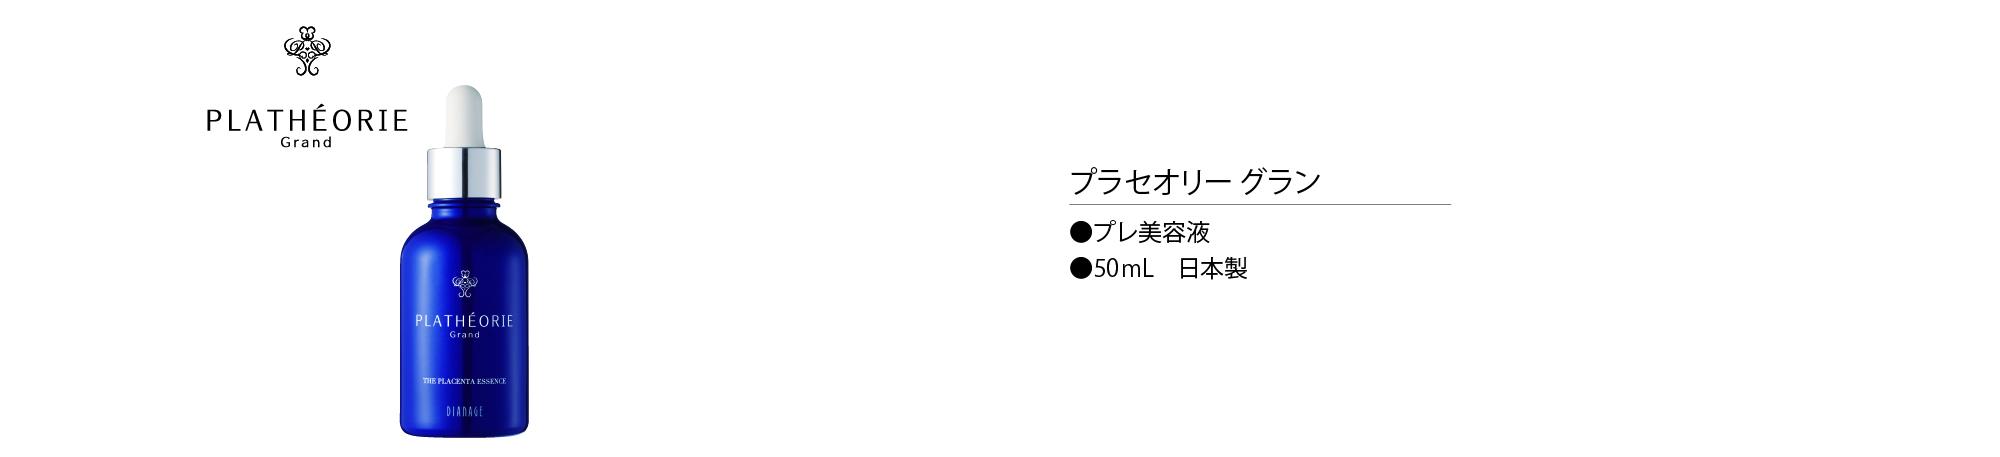 上向き美女シリーズ(プラセオリーグラン)